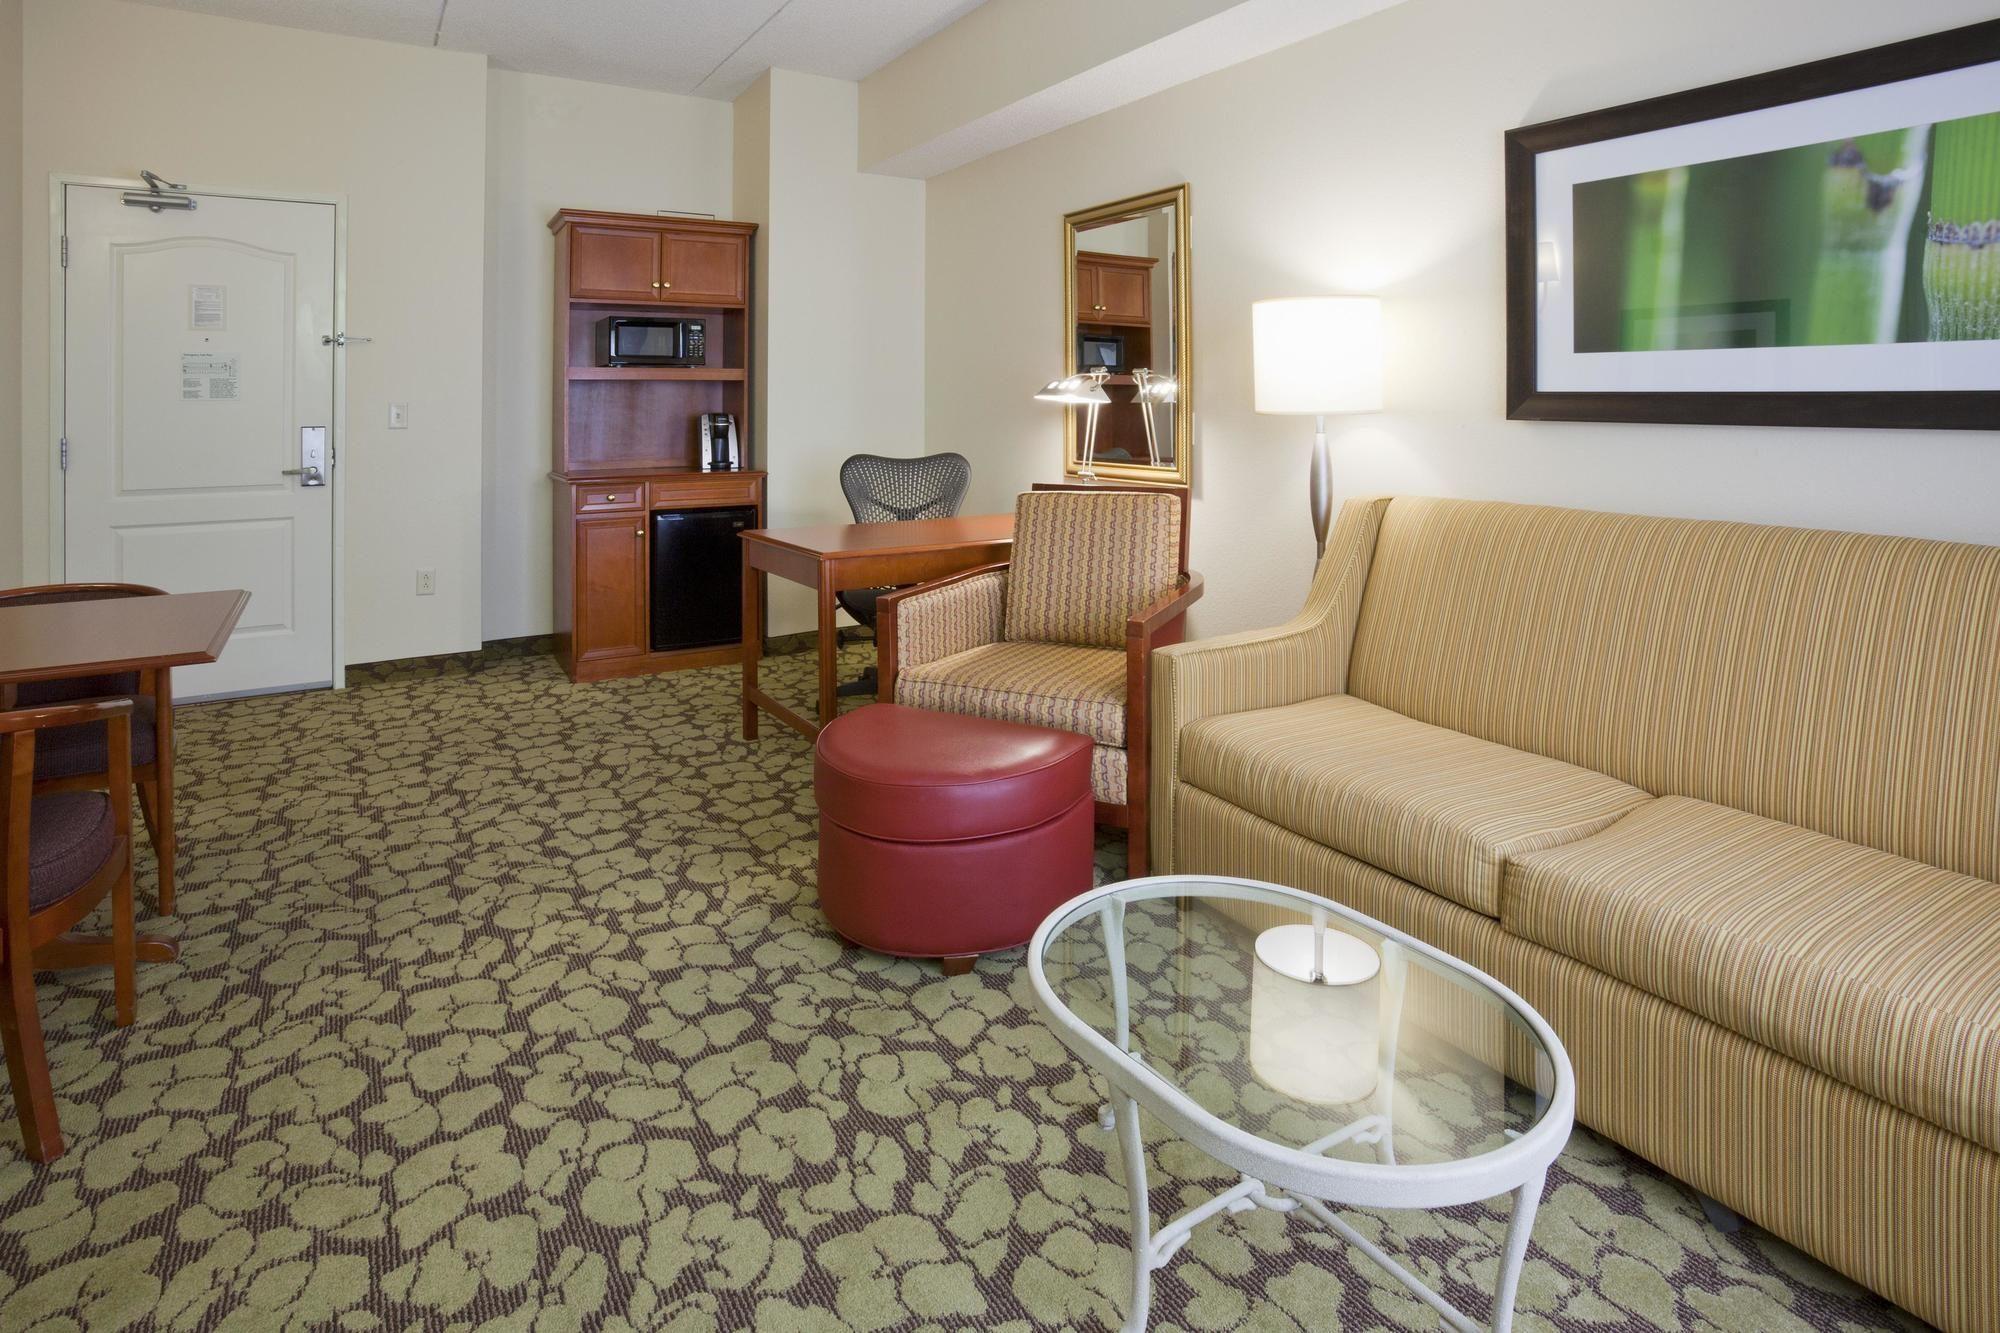 Discount Coupon for Hilton Garden Inn Minneapolis/Bloomington in ...